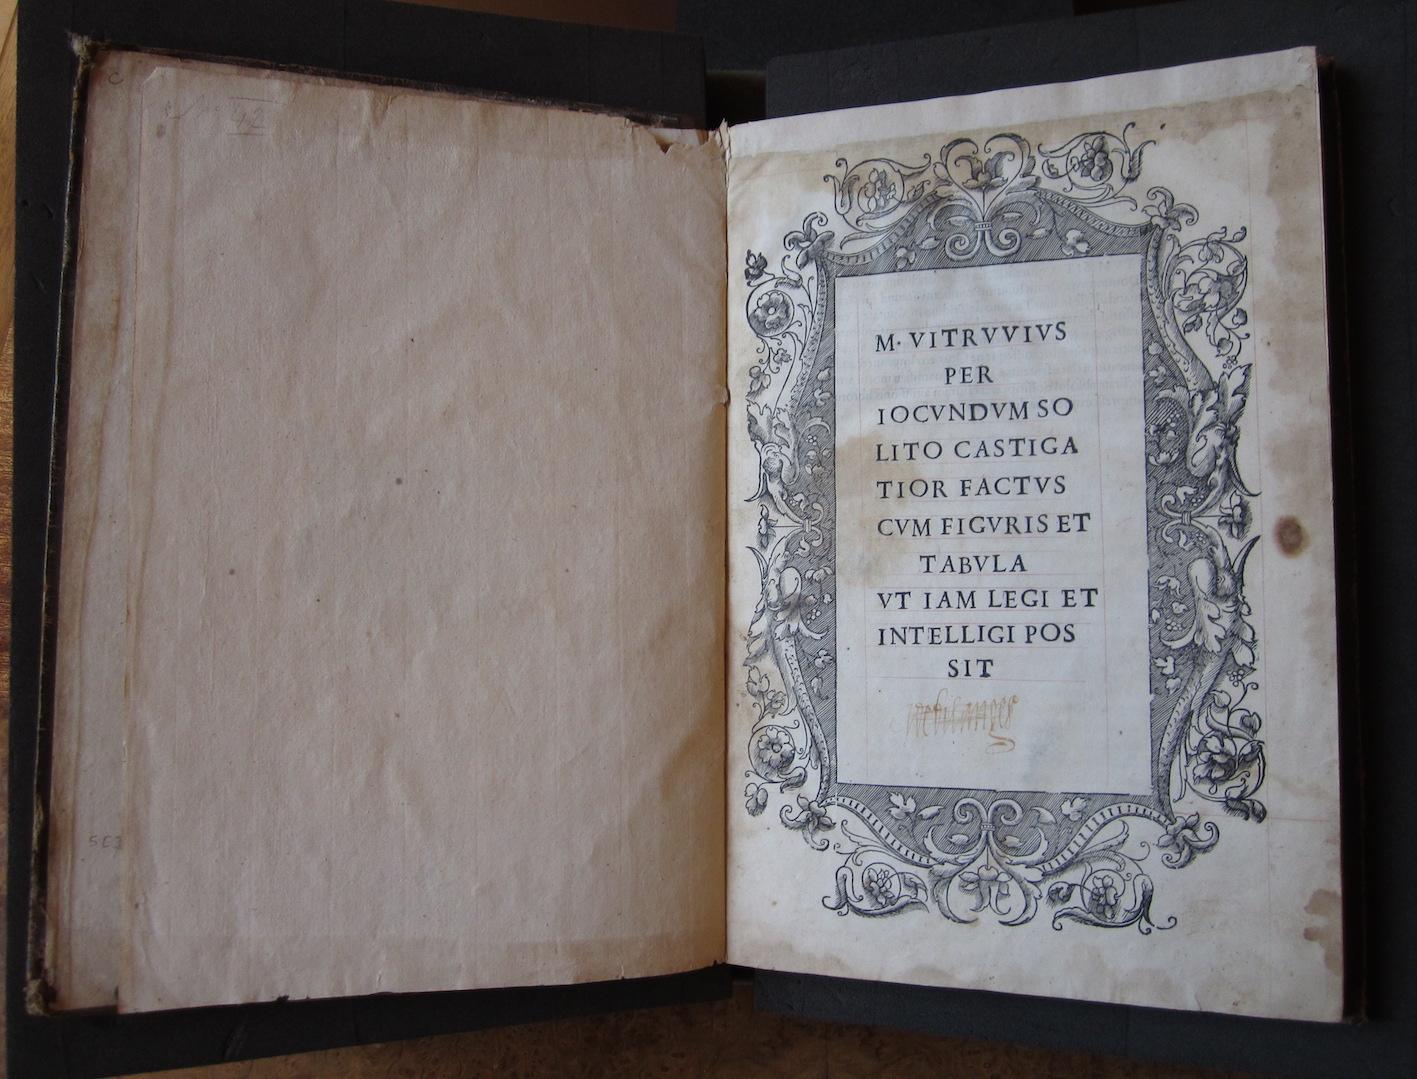 """""""M. Vitruvius per Iocundum solito castigatior factus cum figuris et tabula ut iam legi et intelligi possit (Venice, 1511), titlepage."""""""